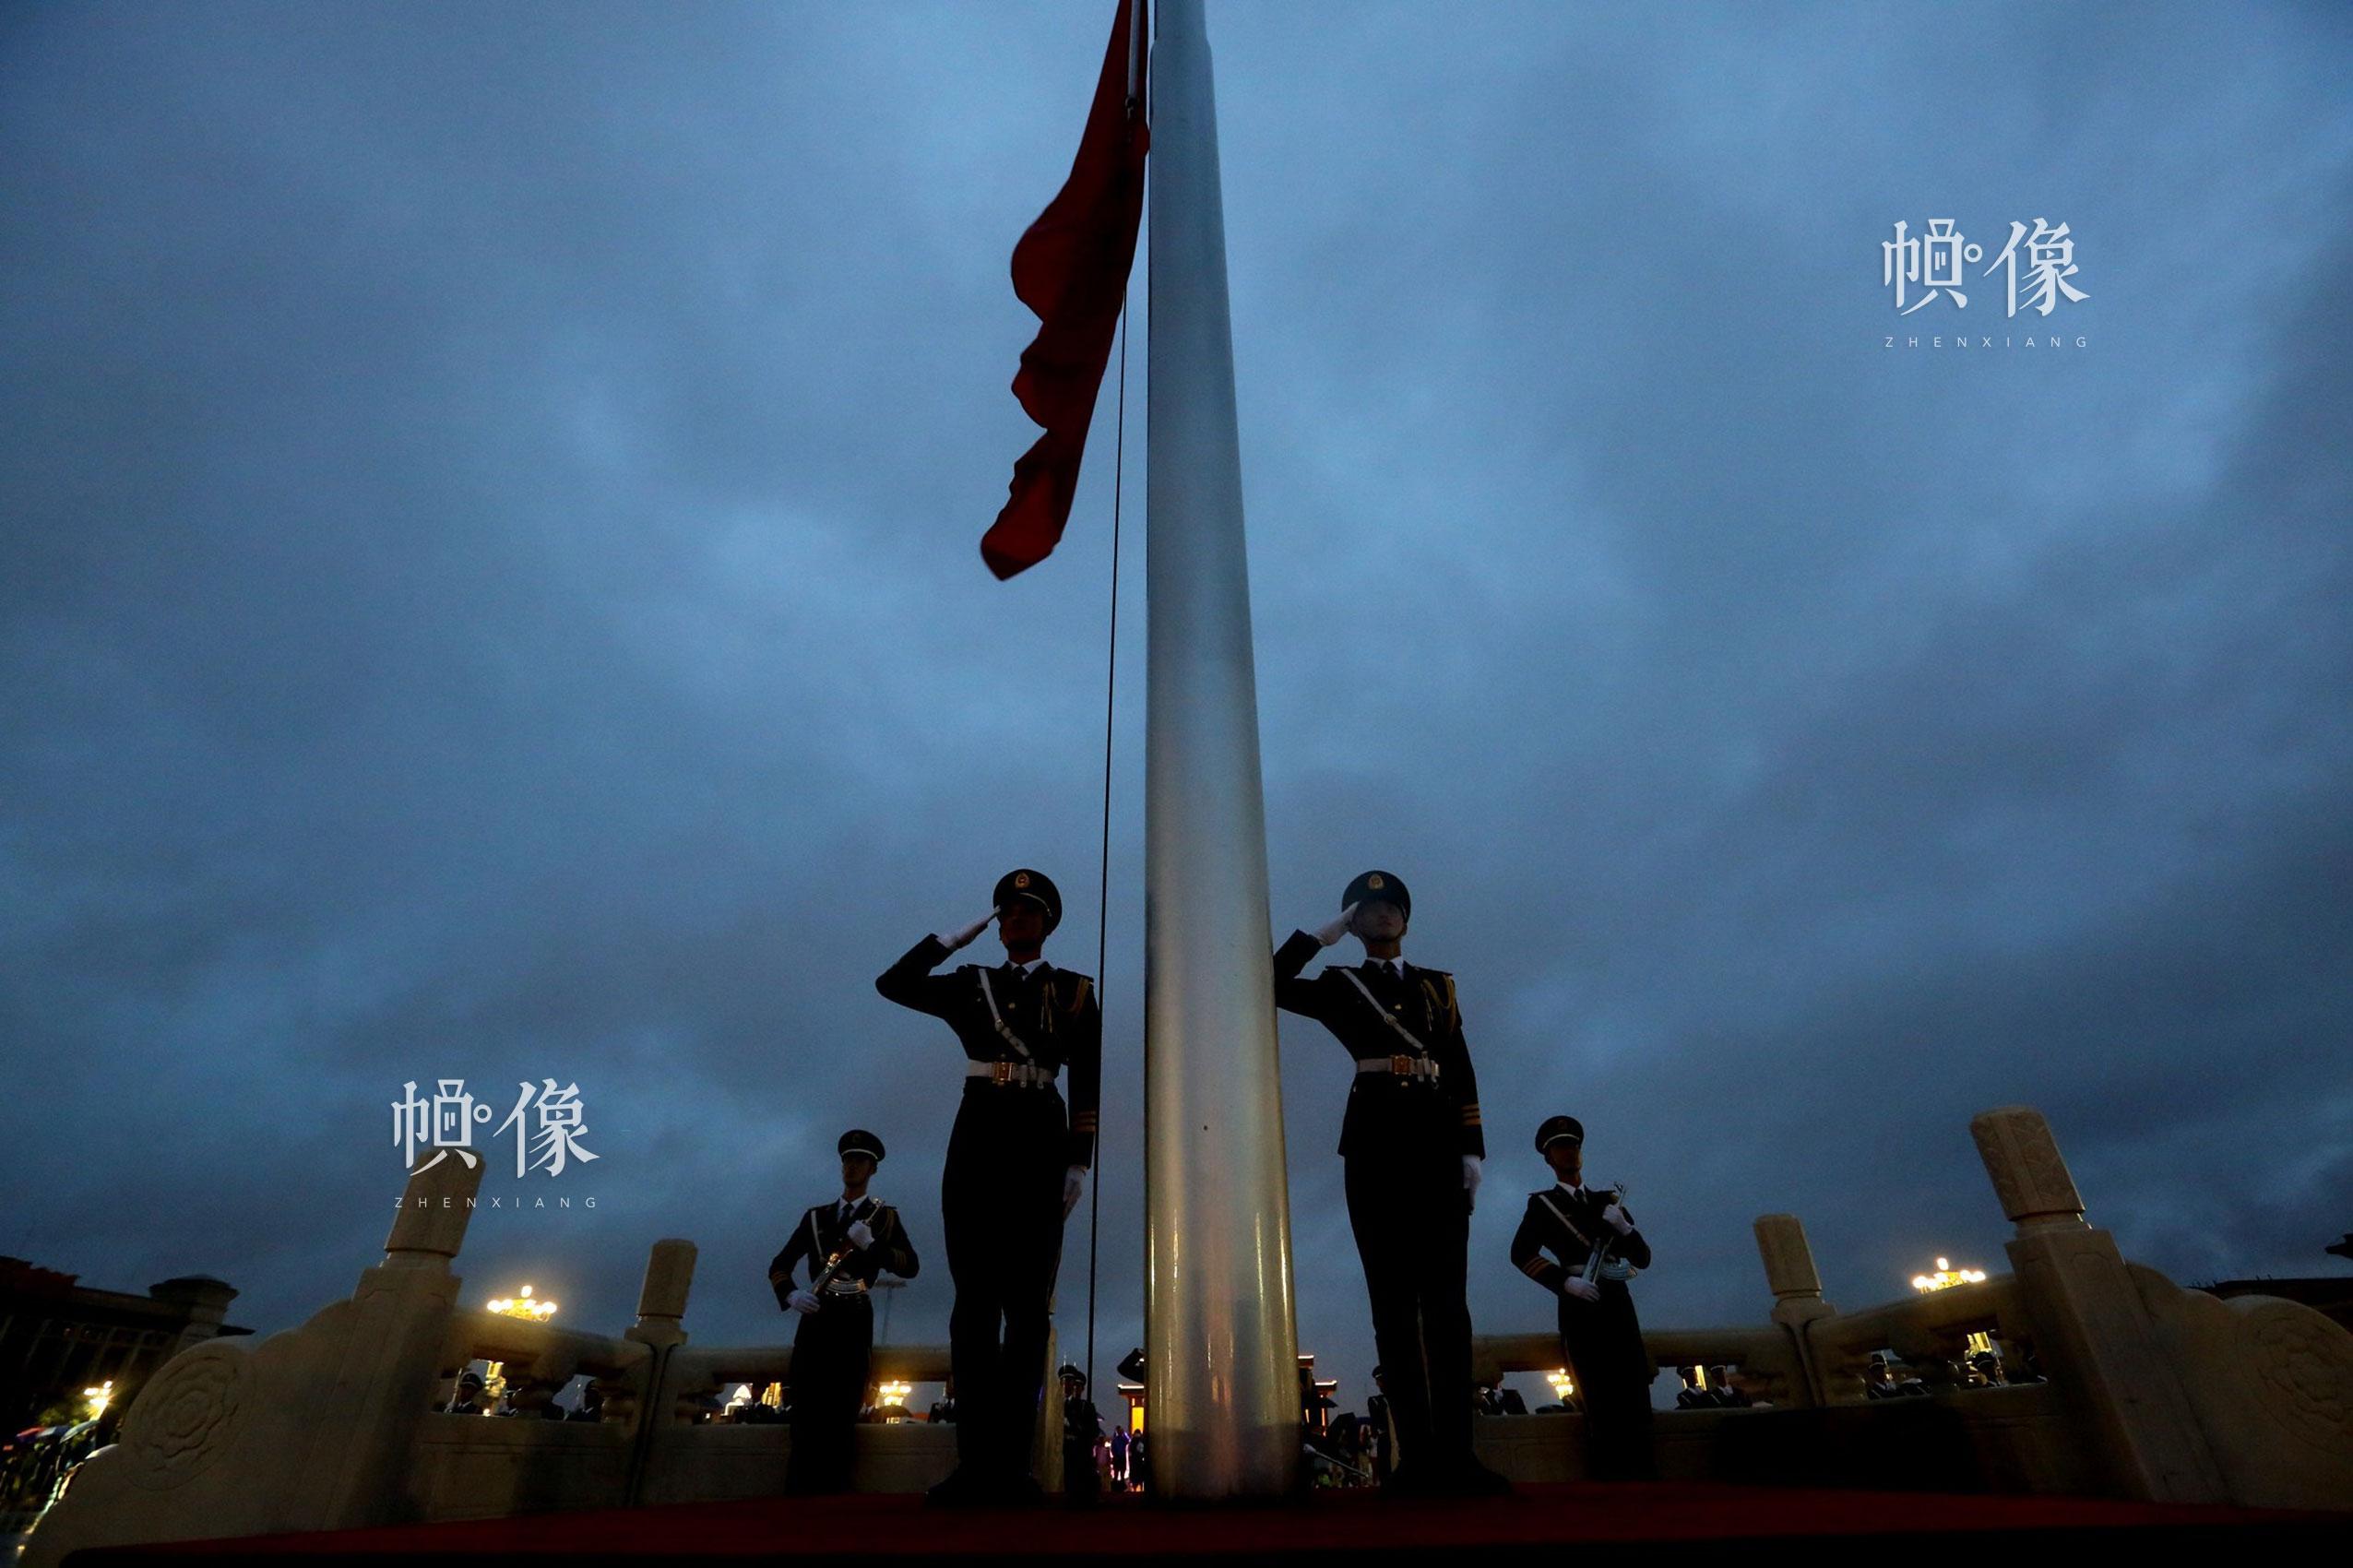 2016年7月21日,北京地区强降特大暴雨,武警天安门警卫支队国旗护卫队队员不惧风雨圆满完成天安门广场降旗任务。李超供图